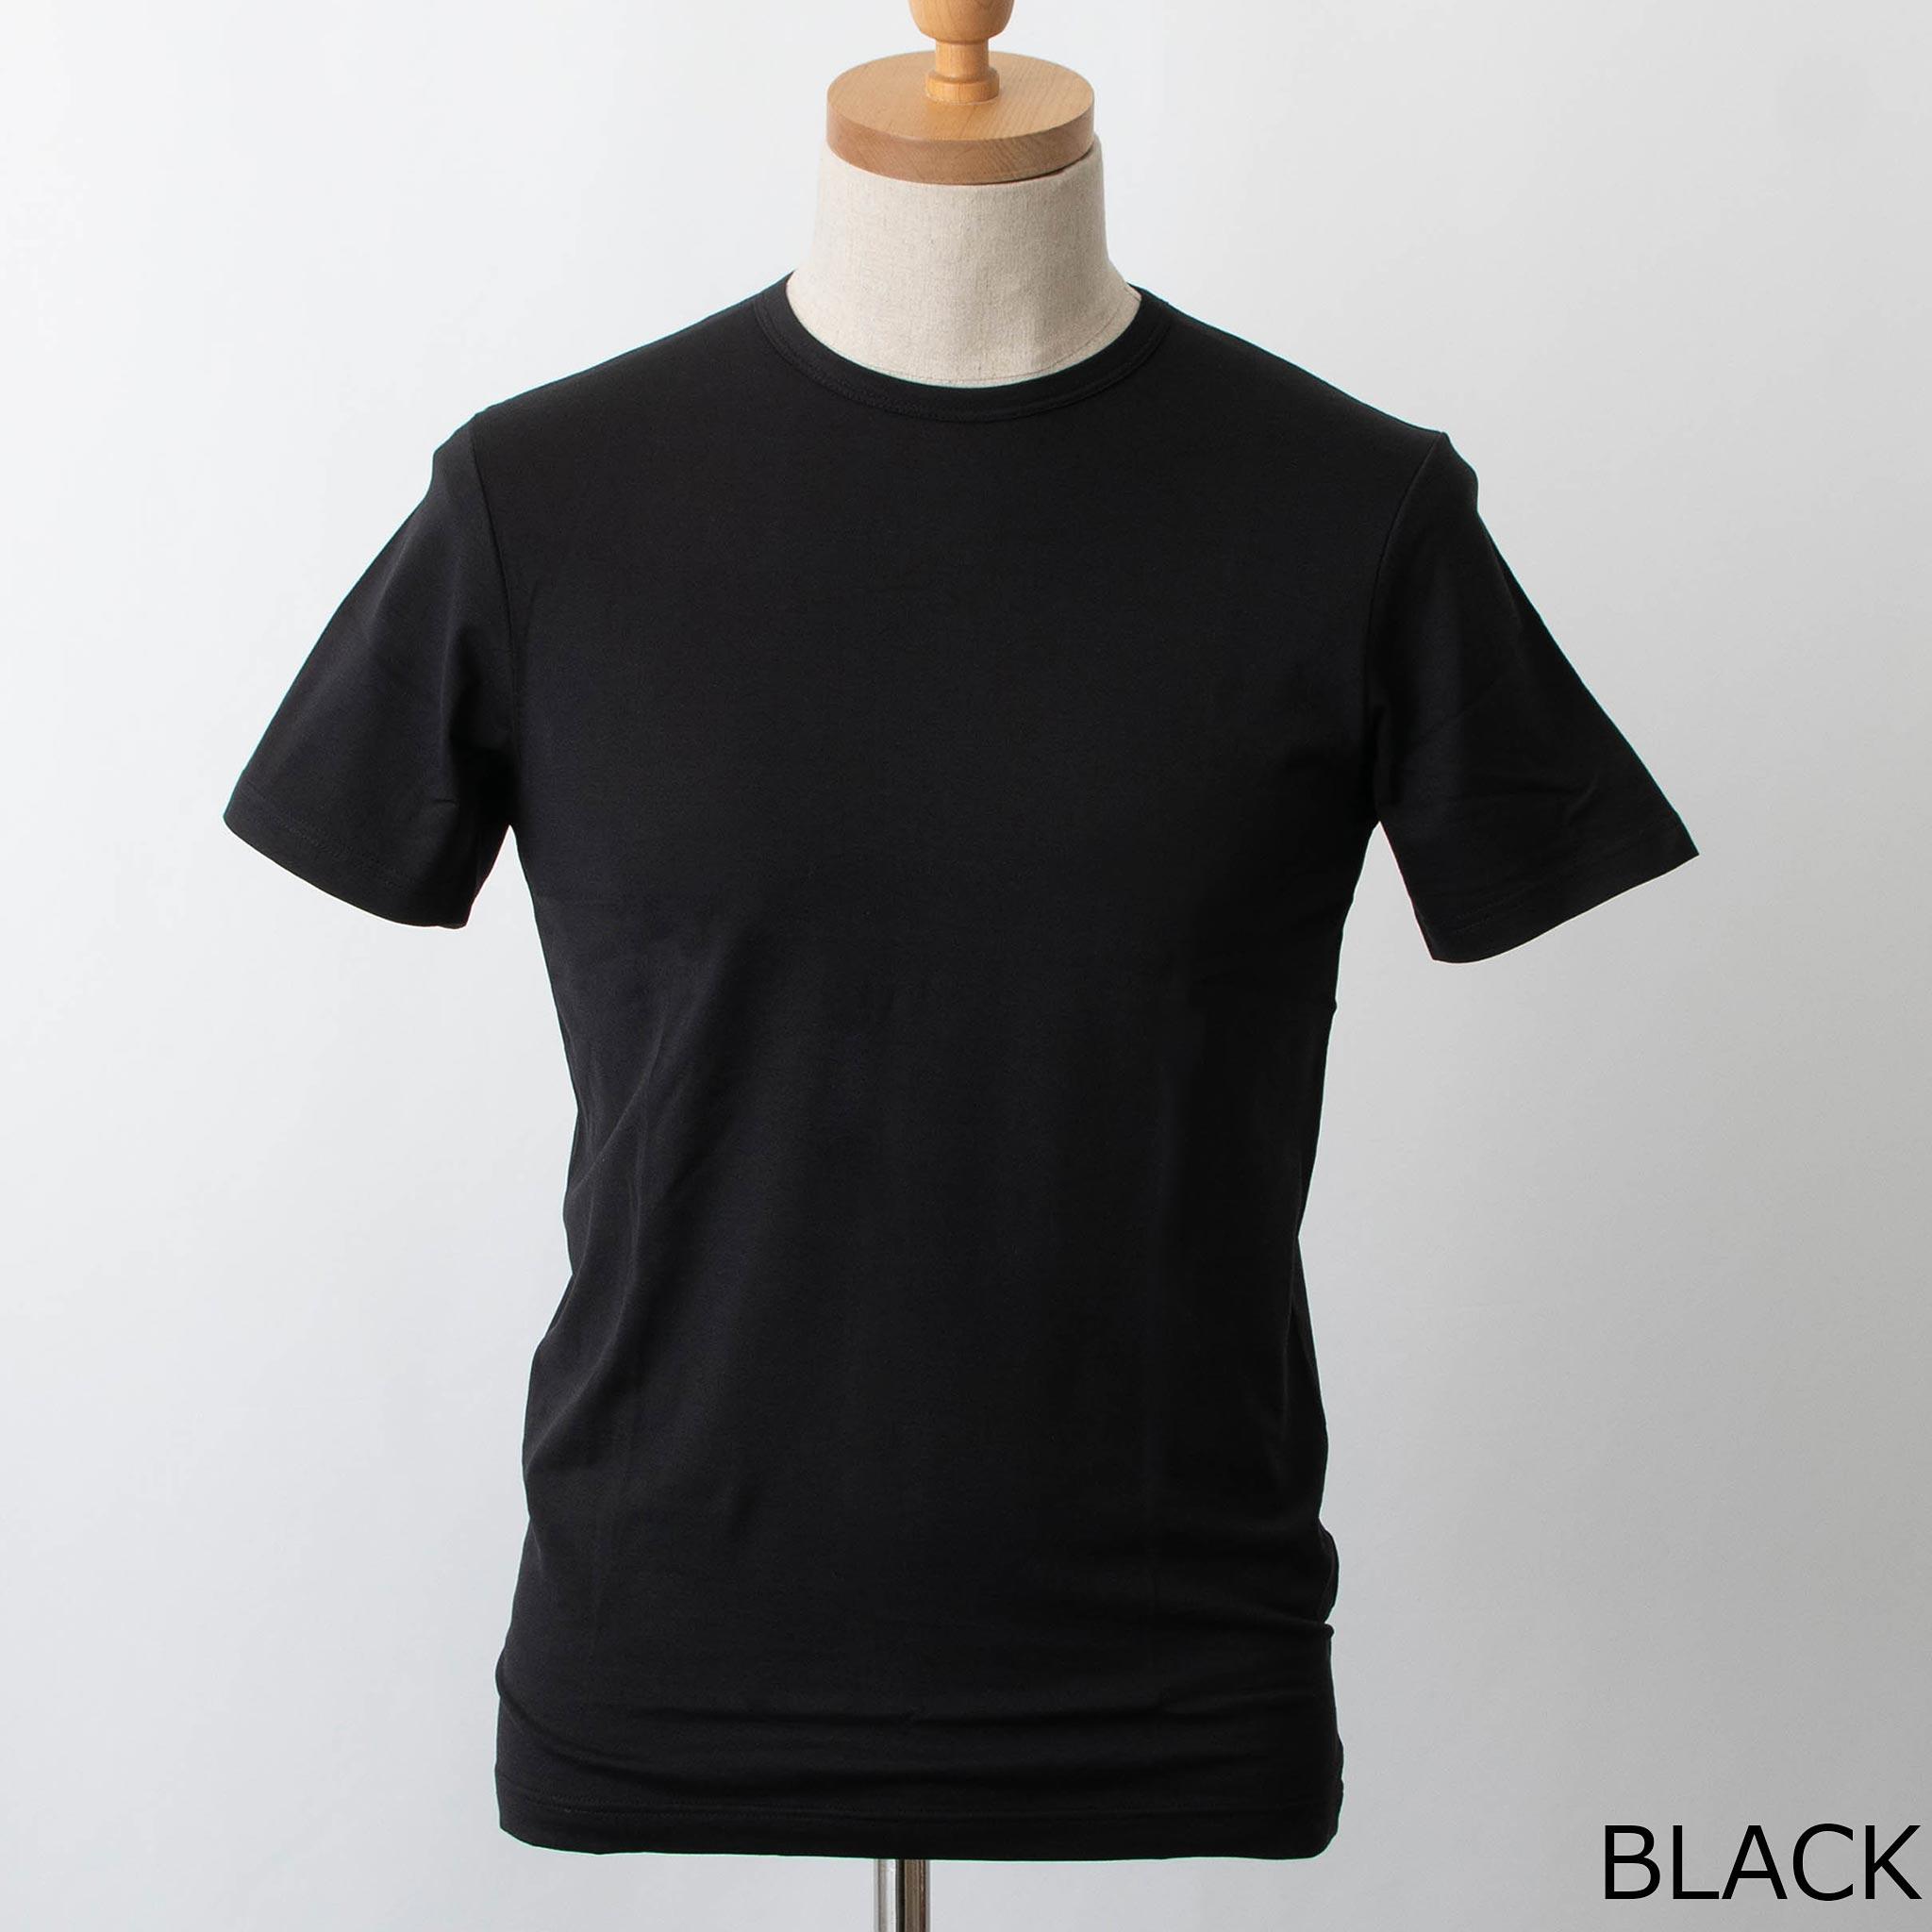 印度小卹�*���9�b��_sunspel sunspel 男装圆领短袖 t 恤 4 色短袖子圆领 t 印度求购 mtsh